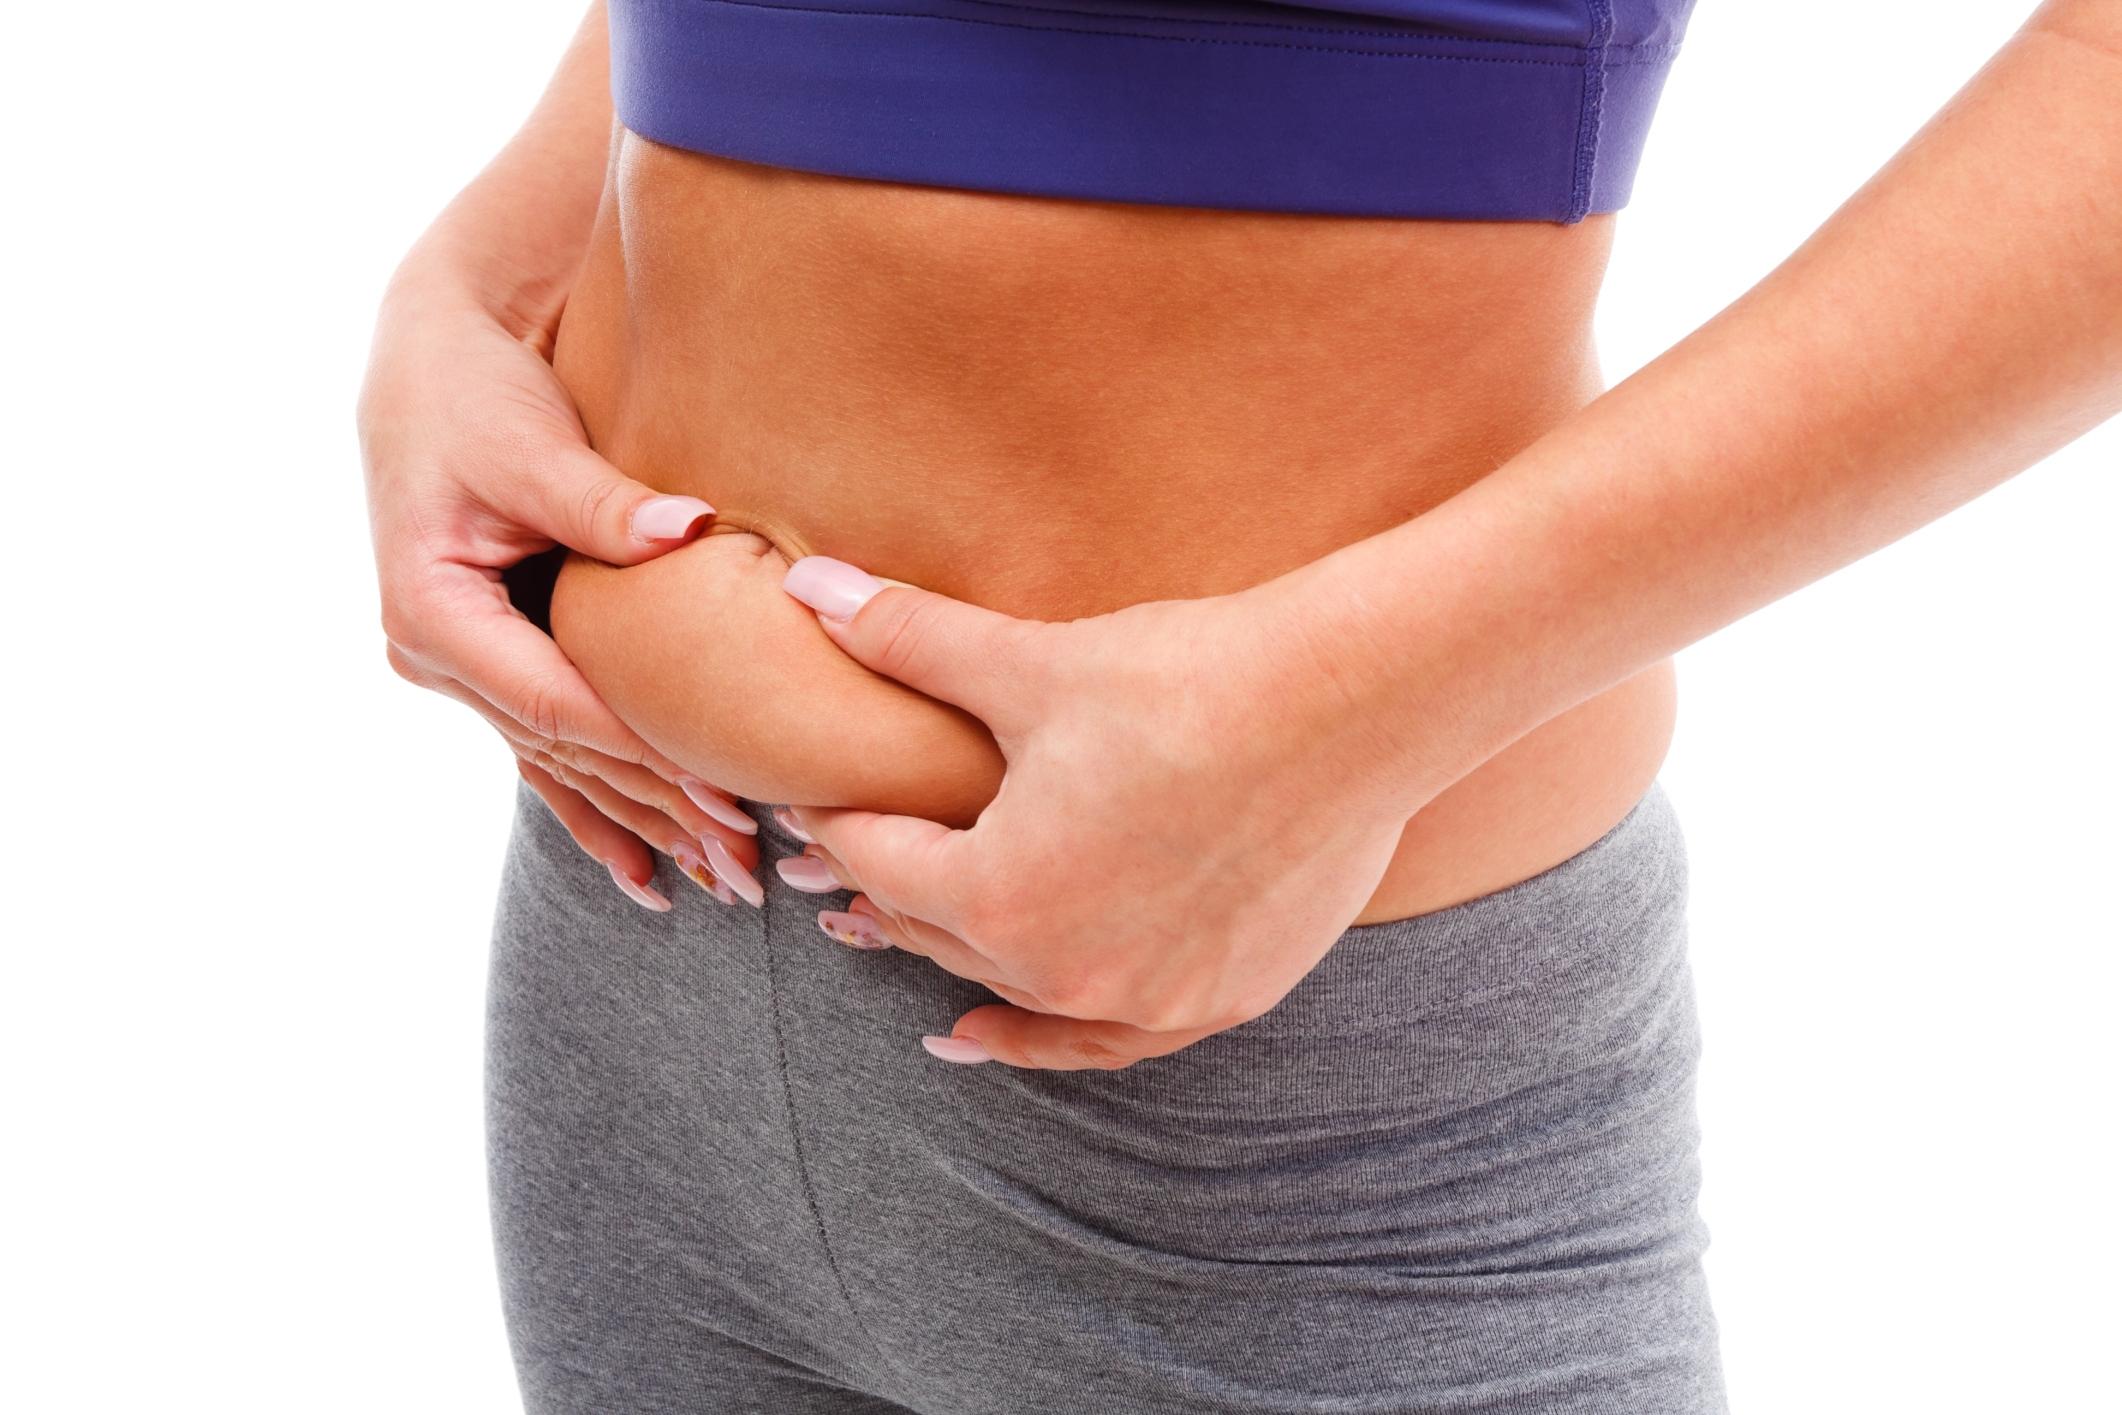 Как похудеть в нижней части живота: питание и спорт